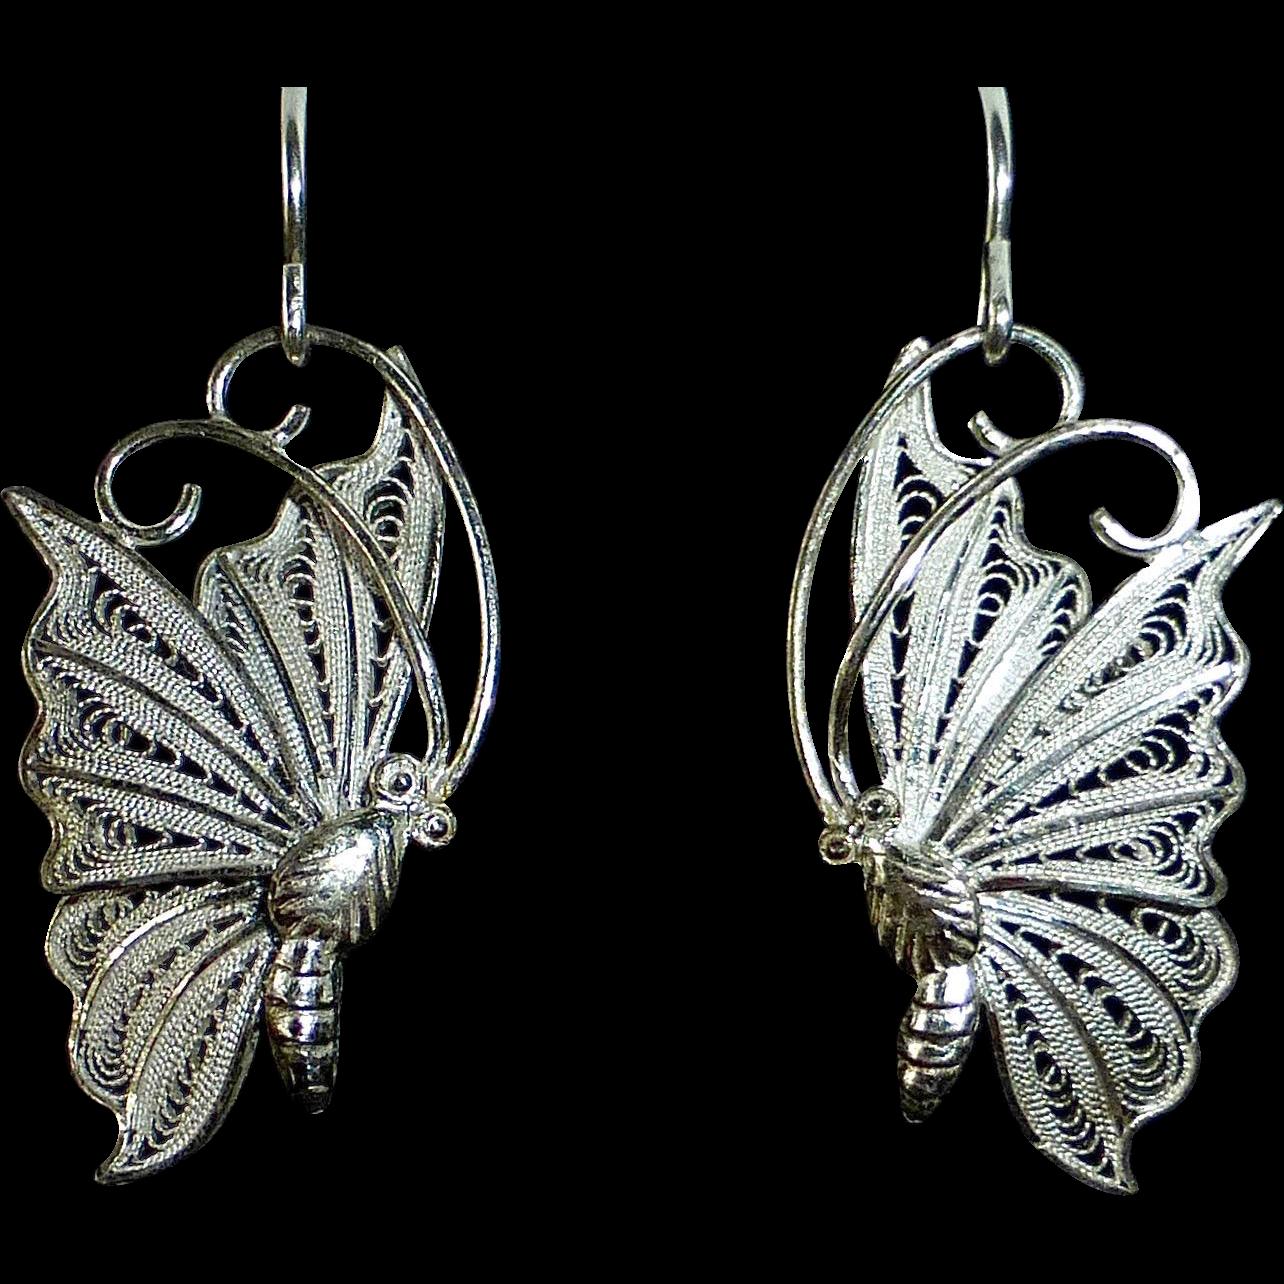 Sterling 950 Filigree Butterfly in Flight Pierced Earrings